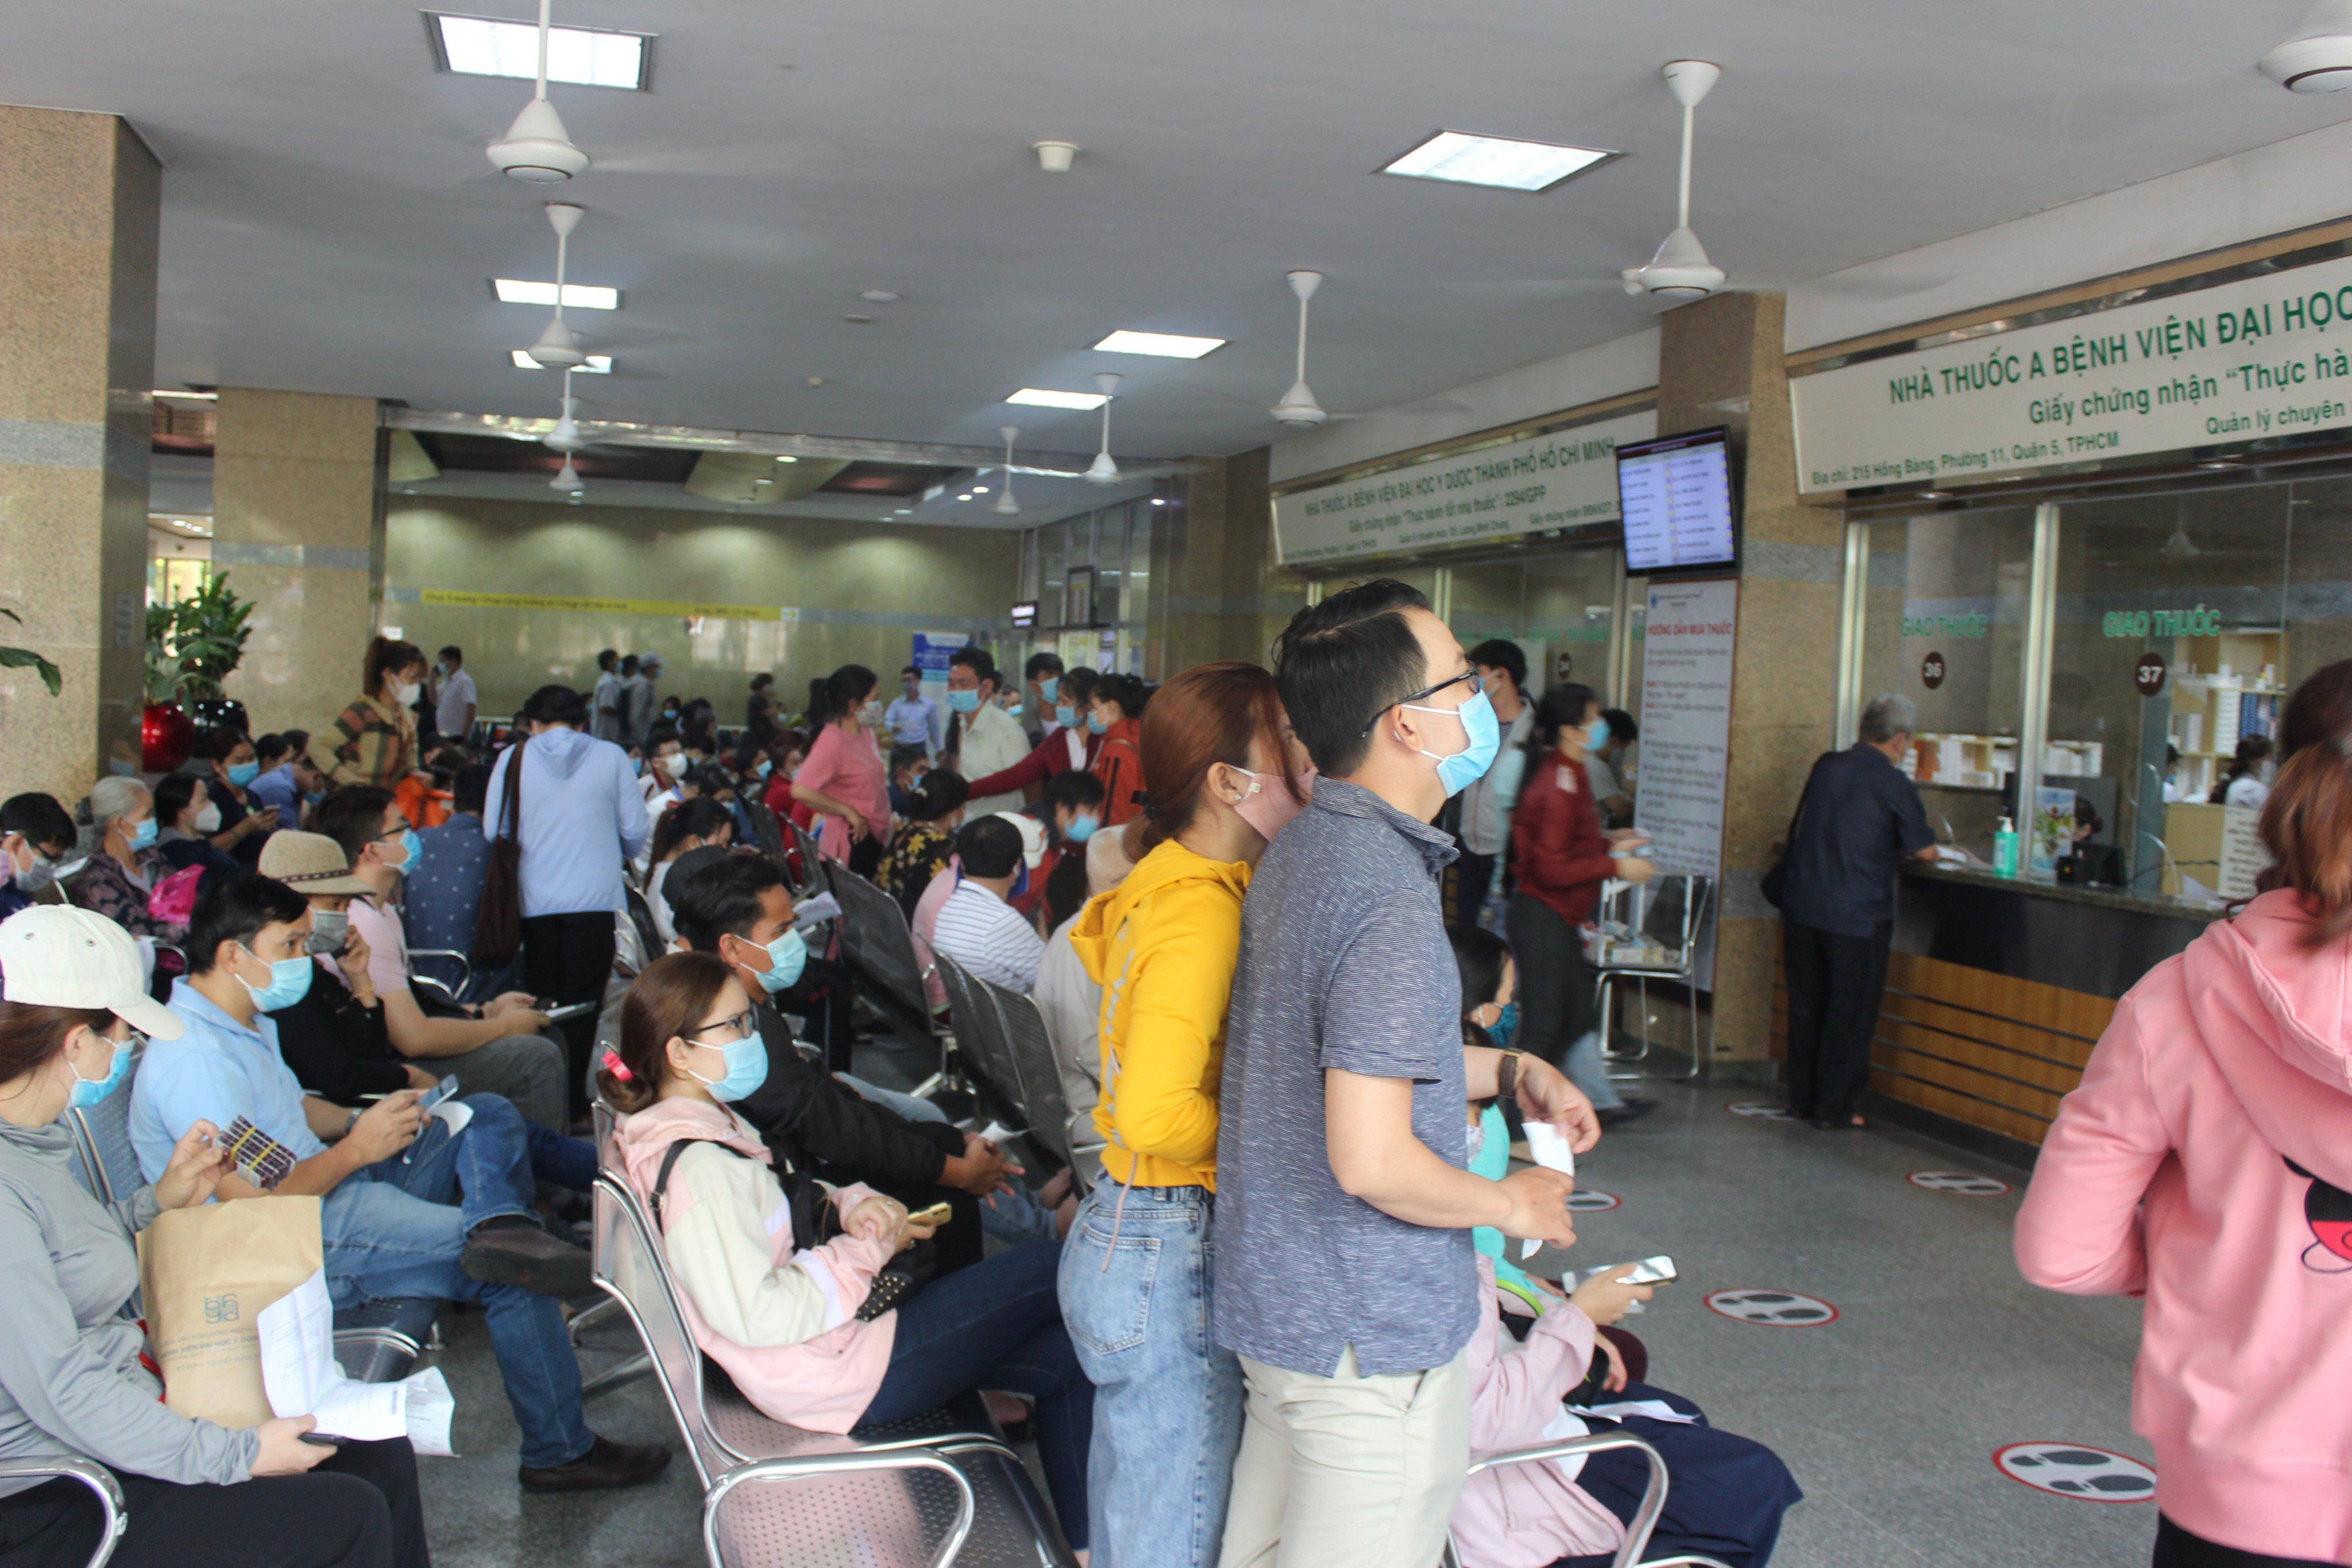 Giả định có ca COVID-19 để kiểm tra cách xử trí tại bệnh viện tiếp nhận người khám lớn nhất Việt Nam Ảnh 1